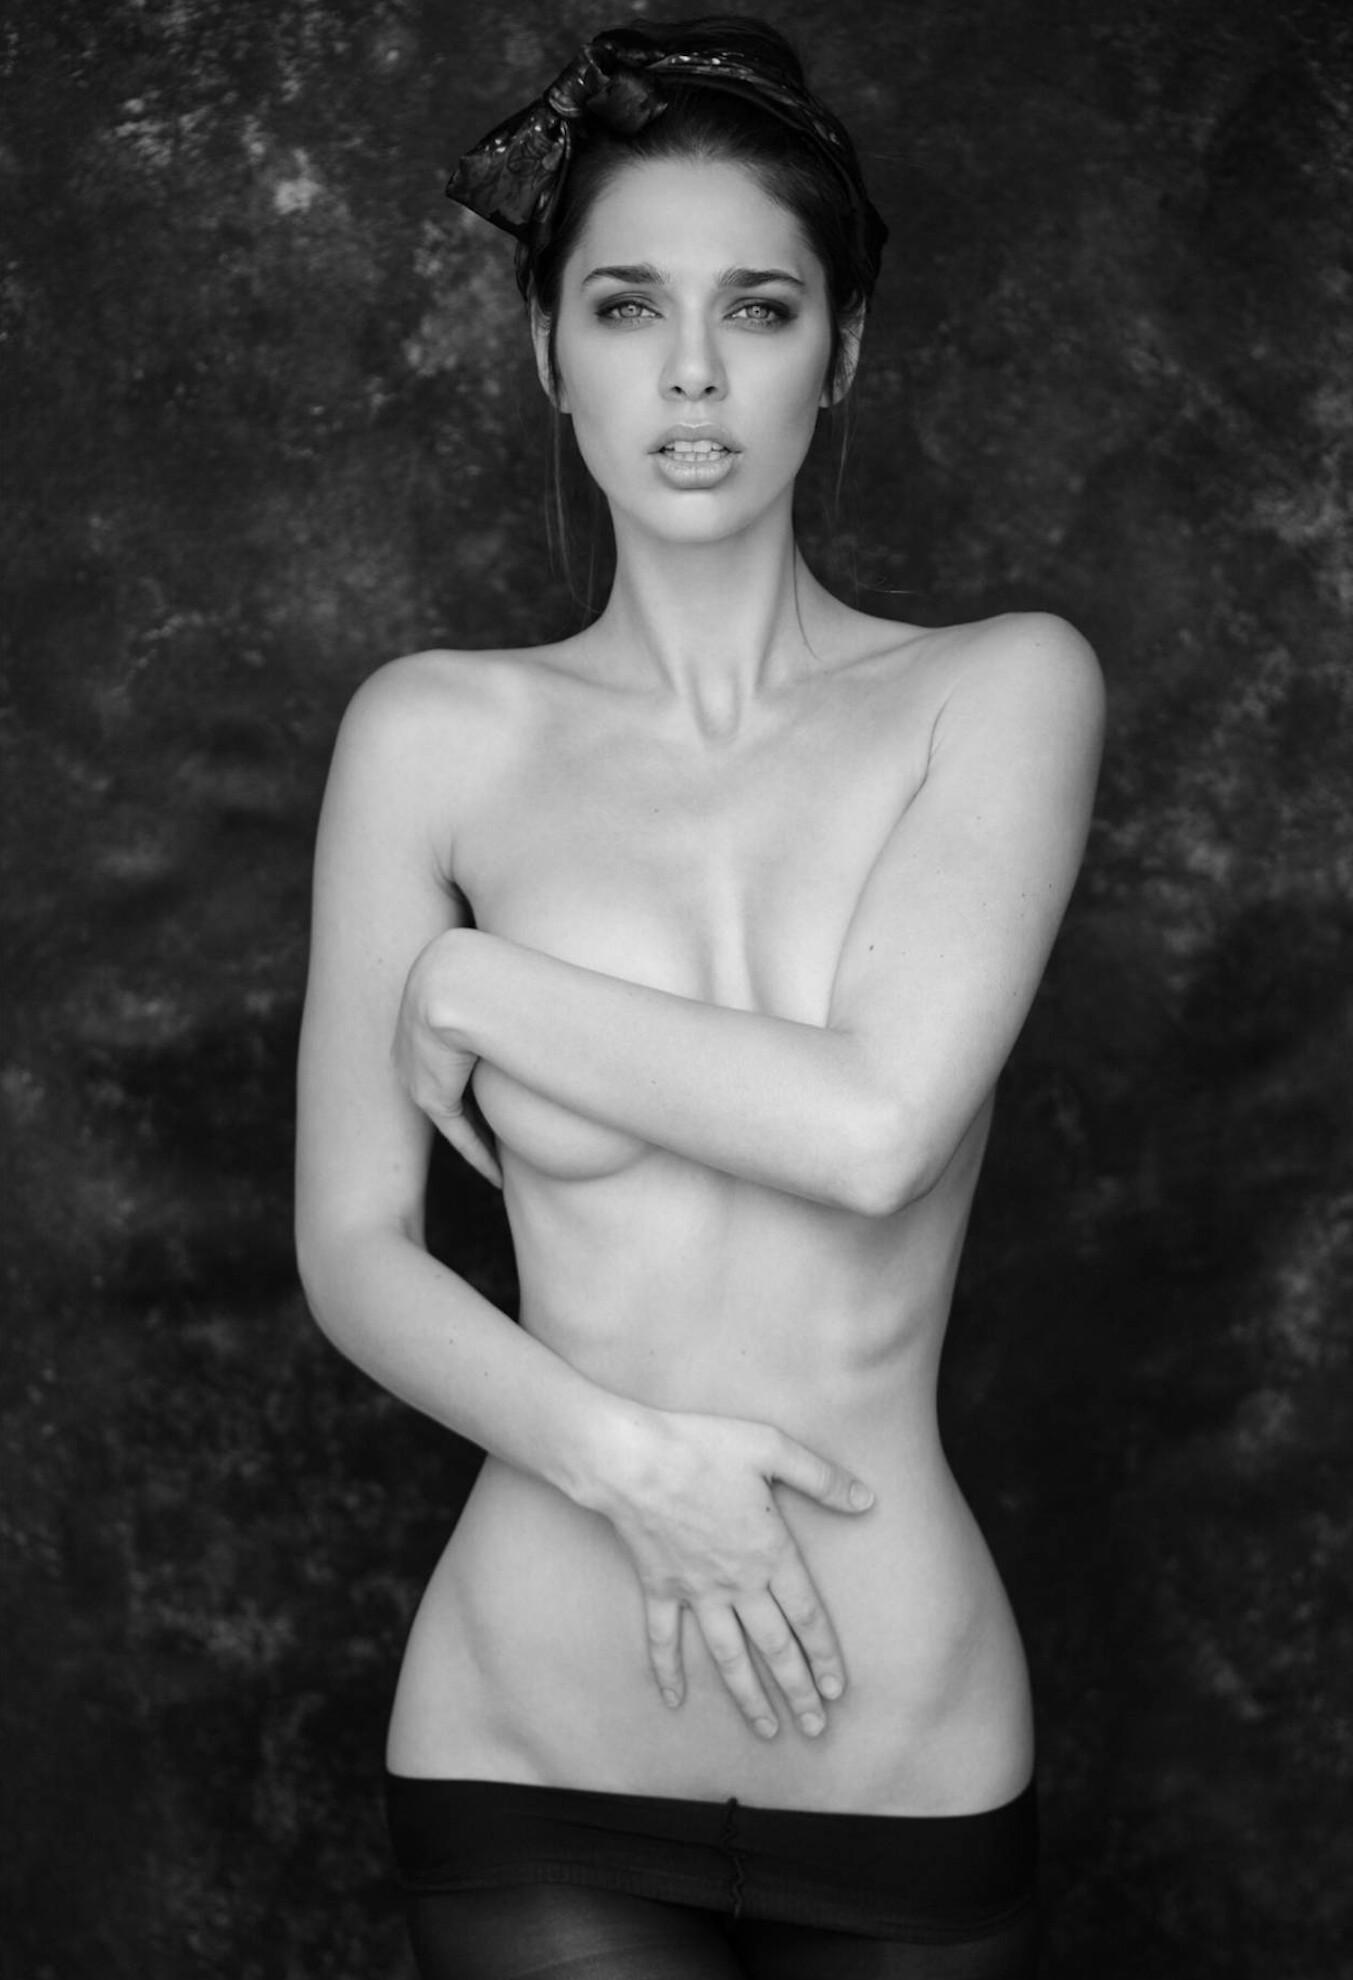 Aspen Maye by Javier Oddo